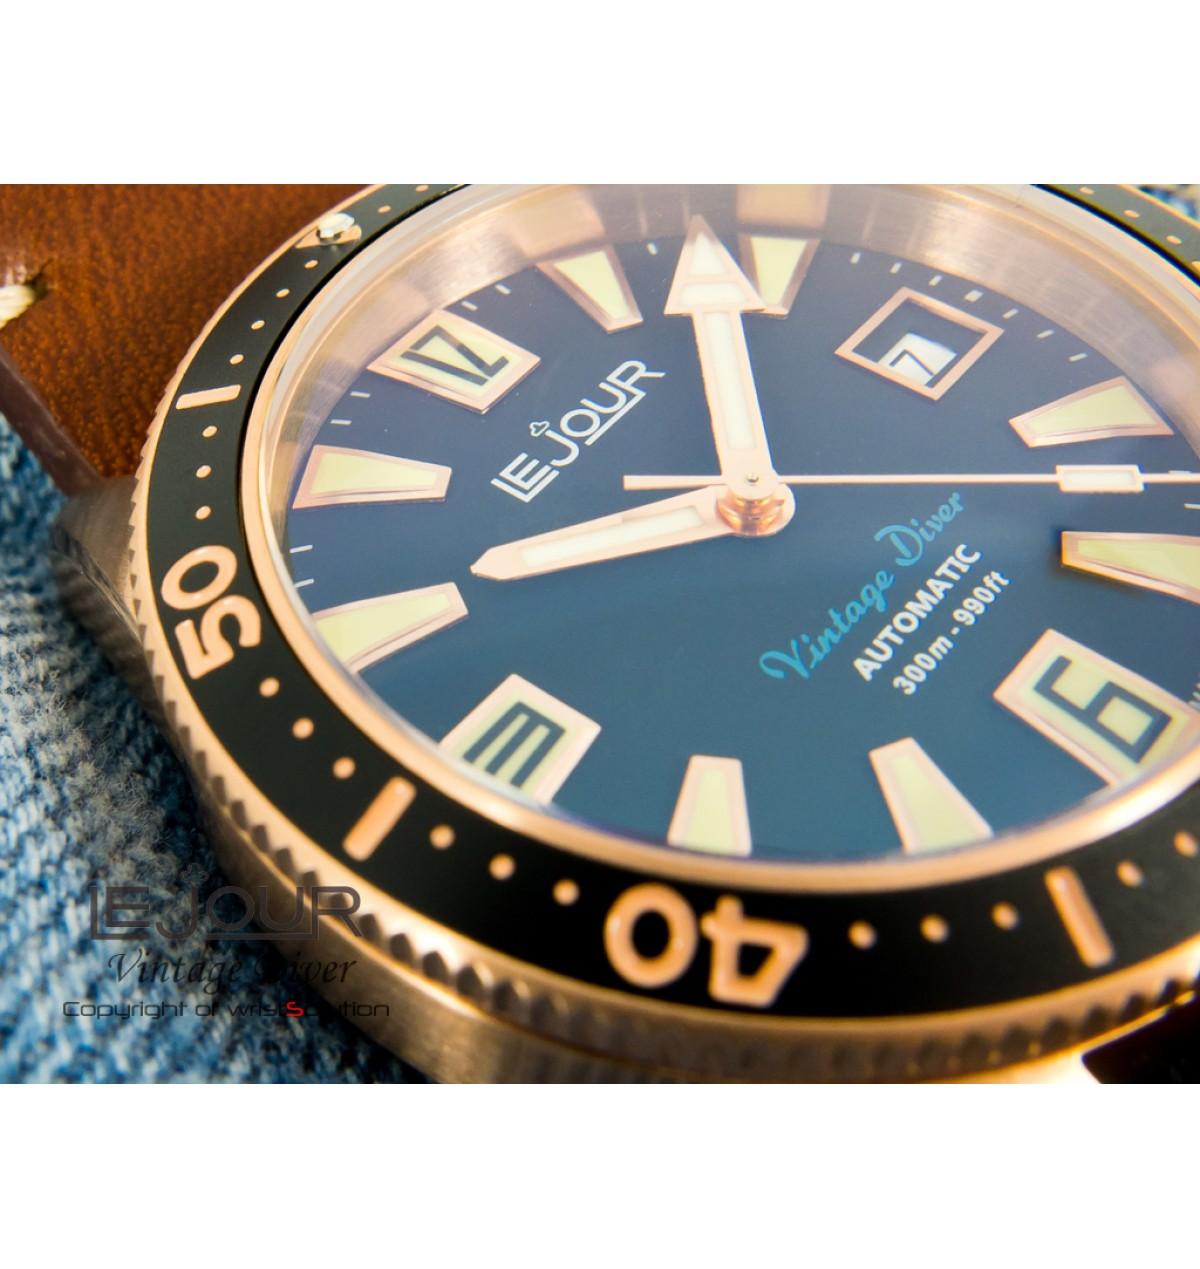 Vintage Diver 006